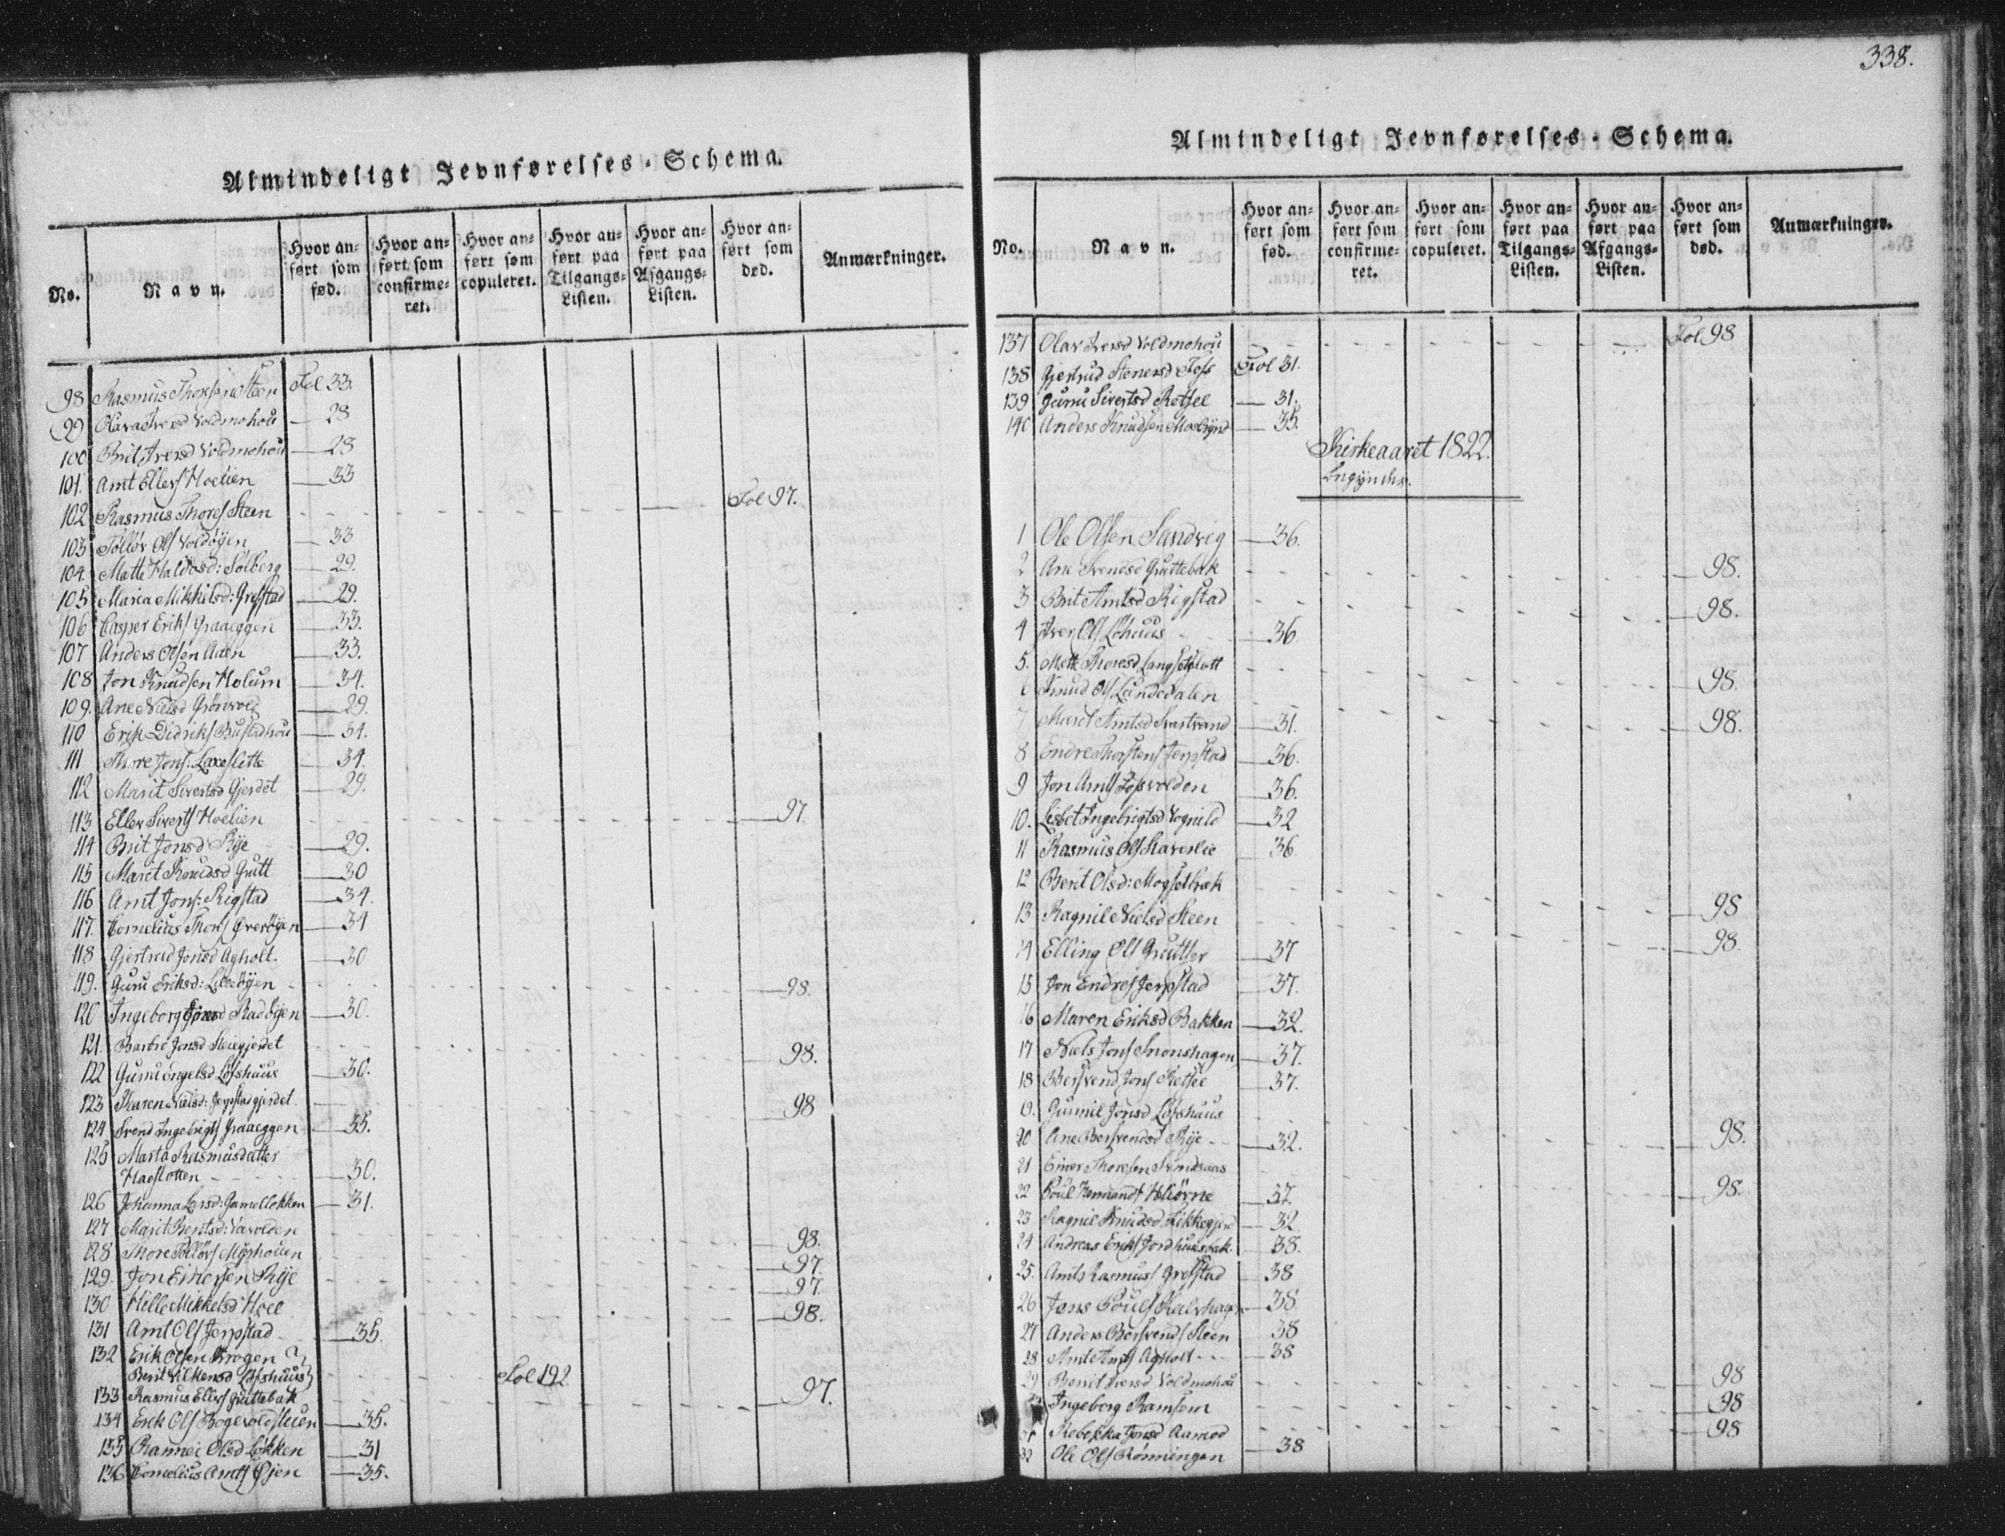 SAT, Ministerialprotokoller, klokkerbøker og fødselsregistre - Sør-Trøndelag, 672/L0862: Klokkerbok nr. 672C01, 1816-1831, s. 338